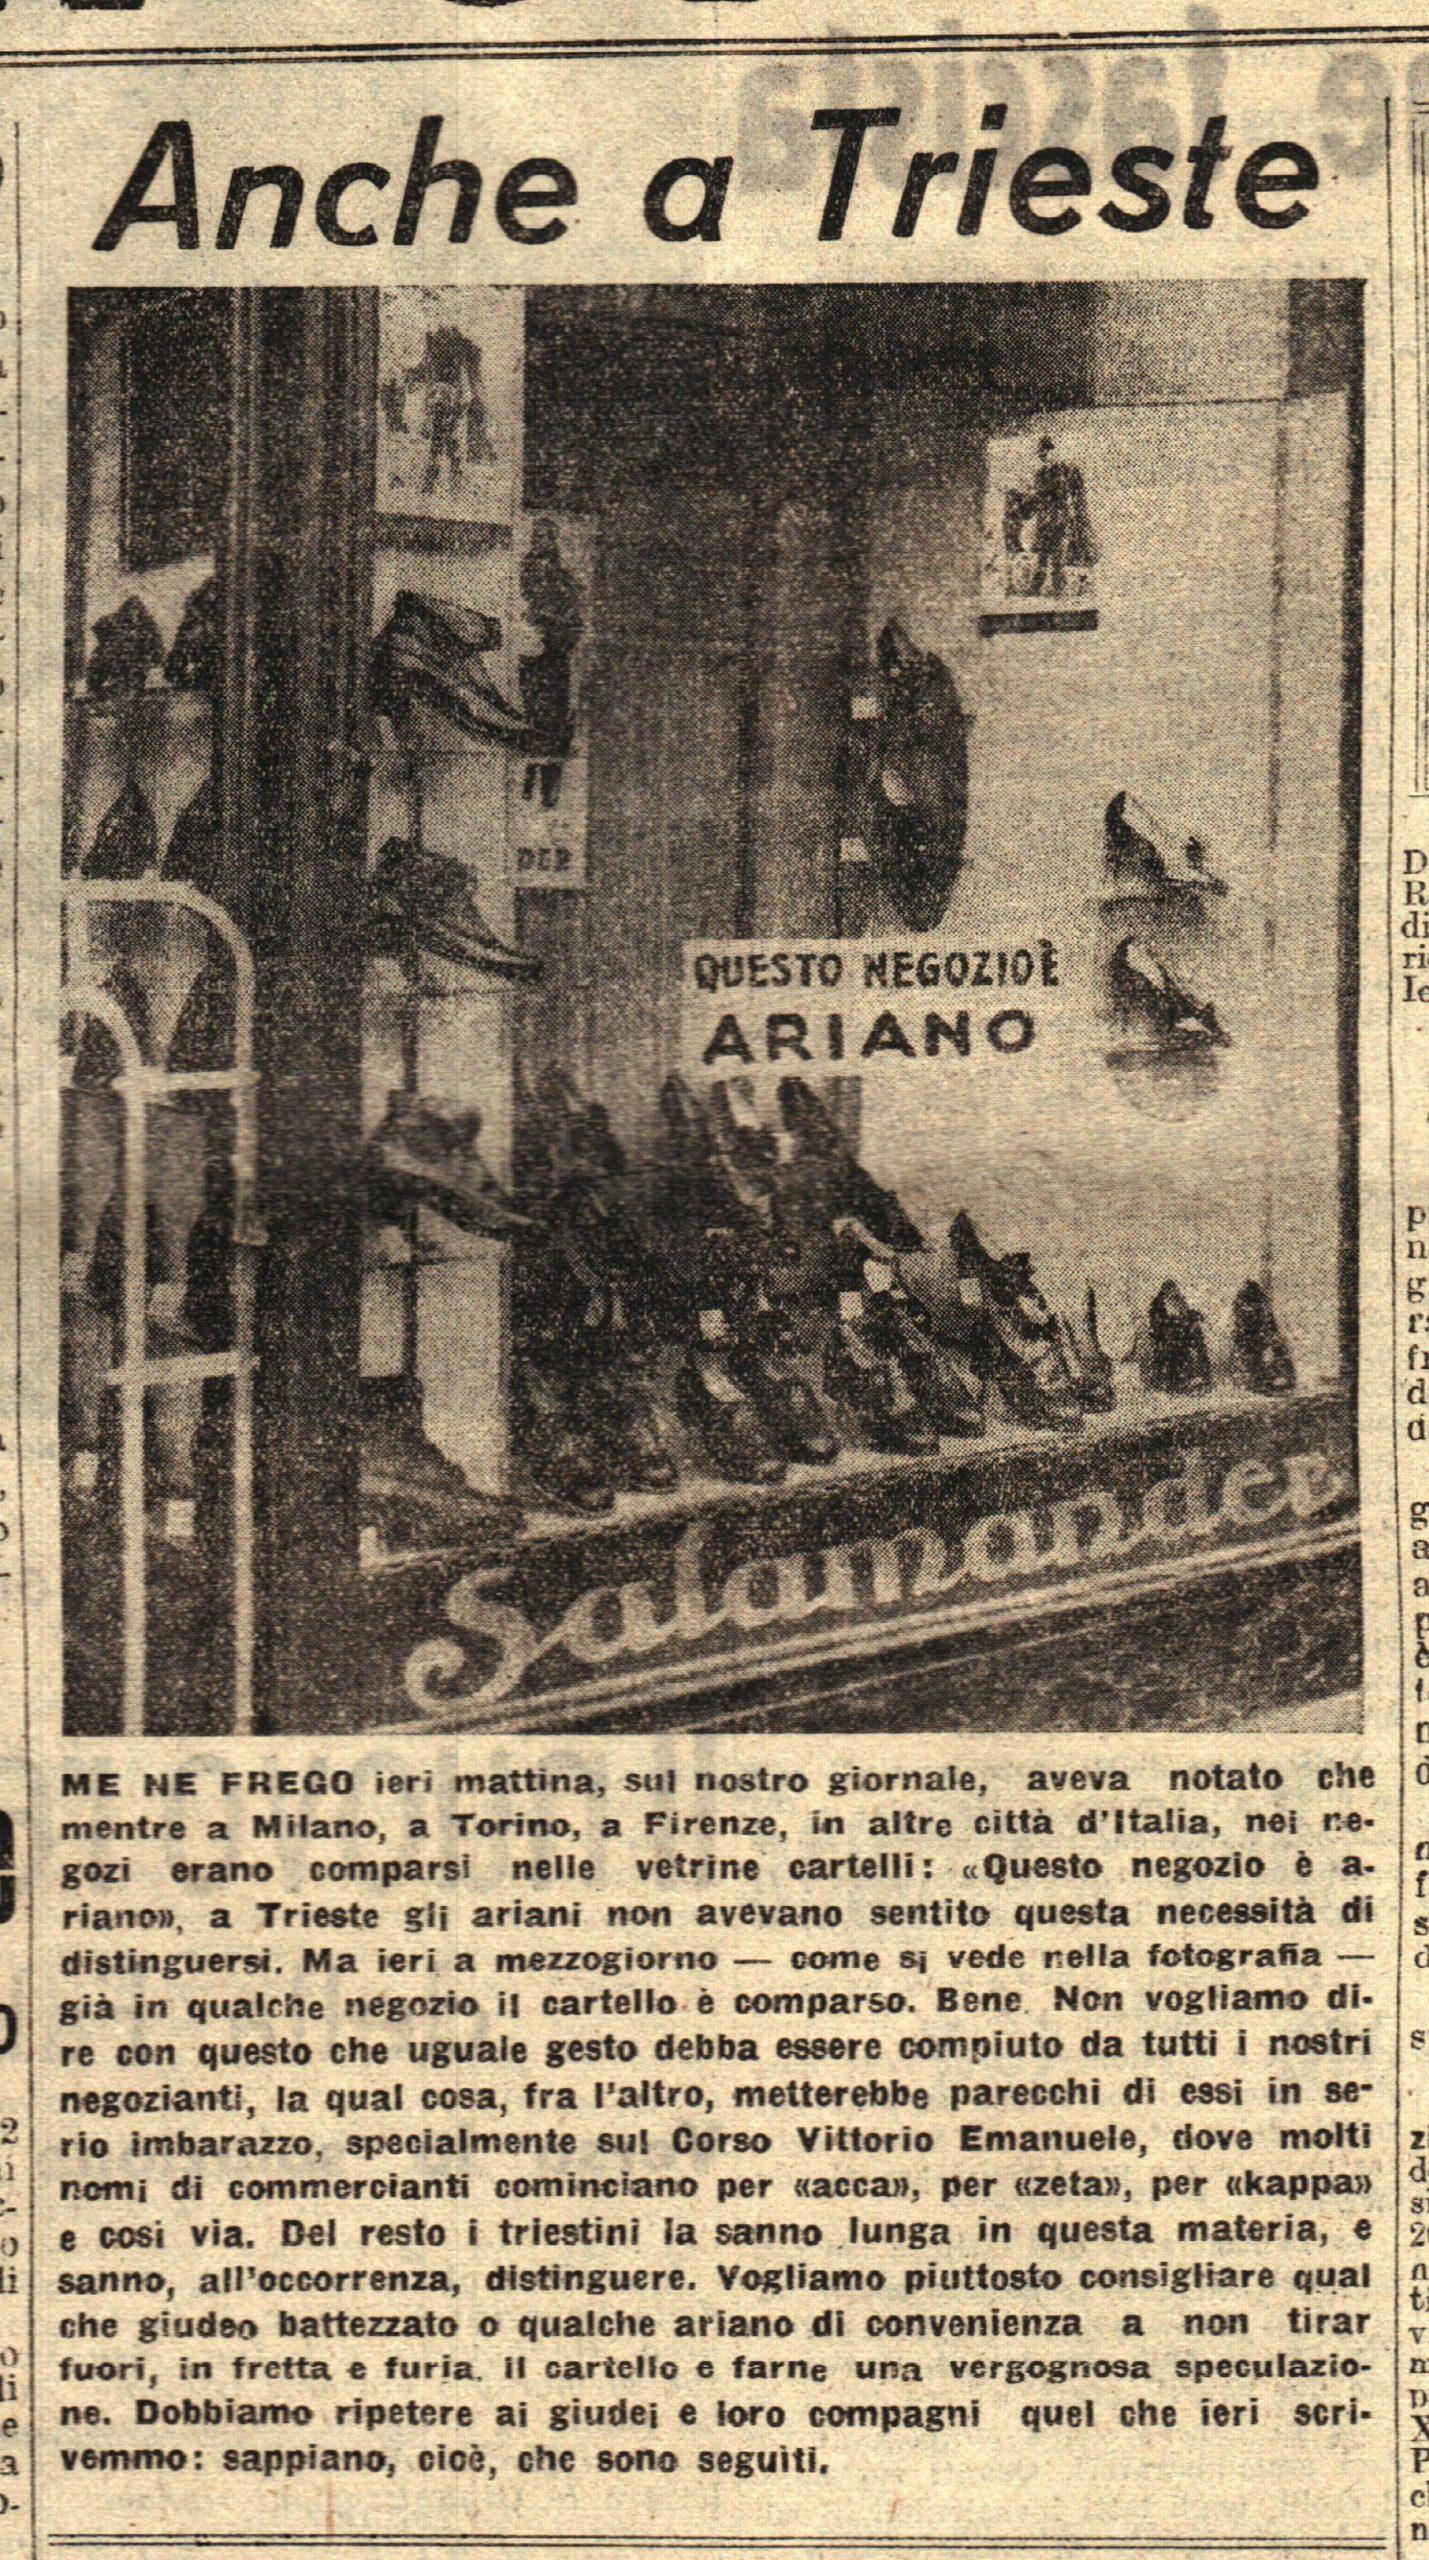 17 Il Popolo di Trieste